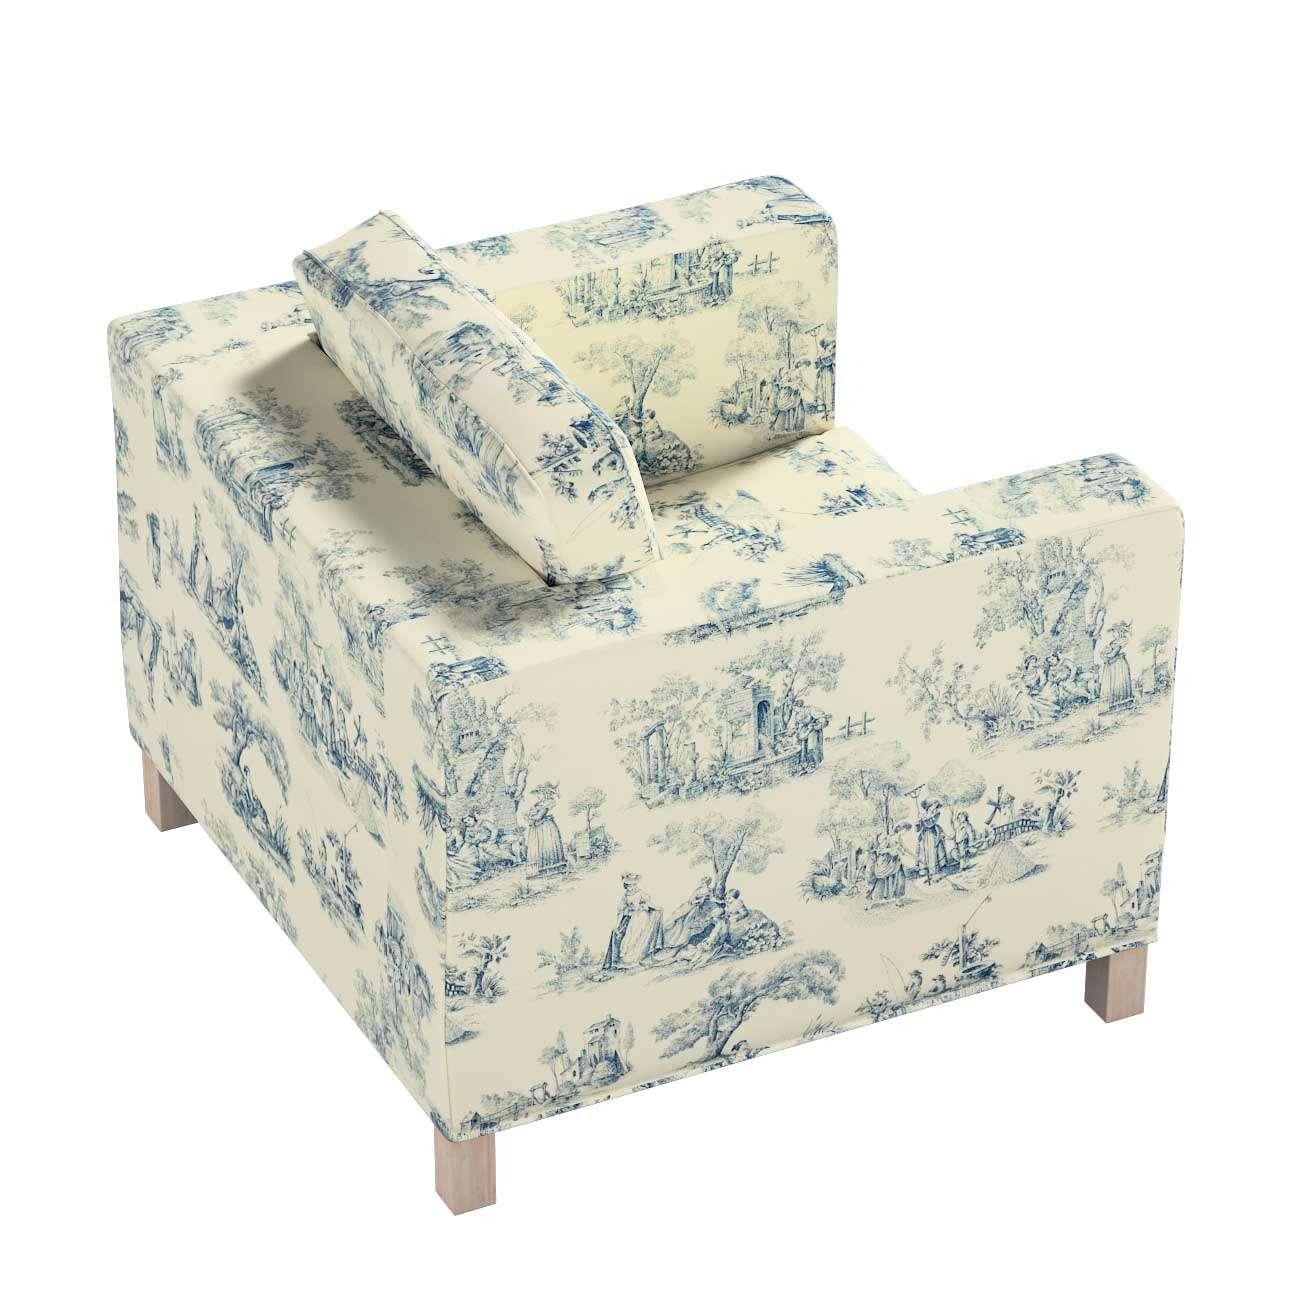 Pokrowiec na fotel Karlanda, krótki w kolekcji Avinon, tkanina: 132-66